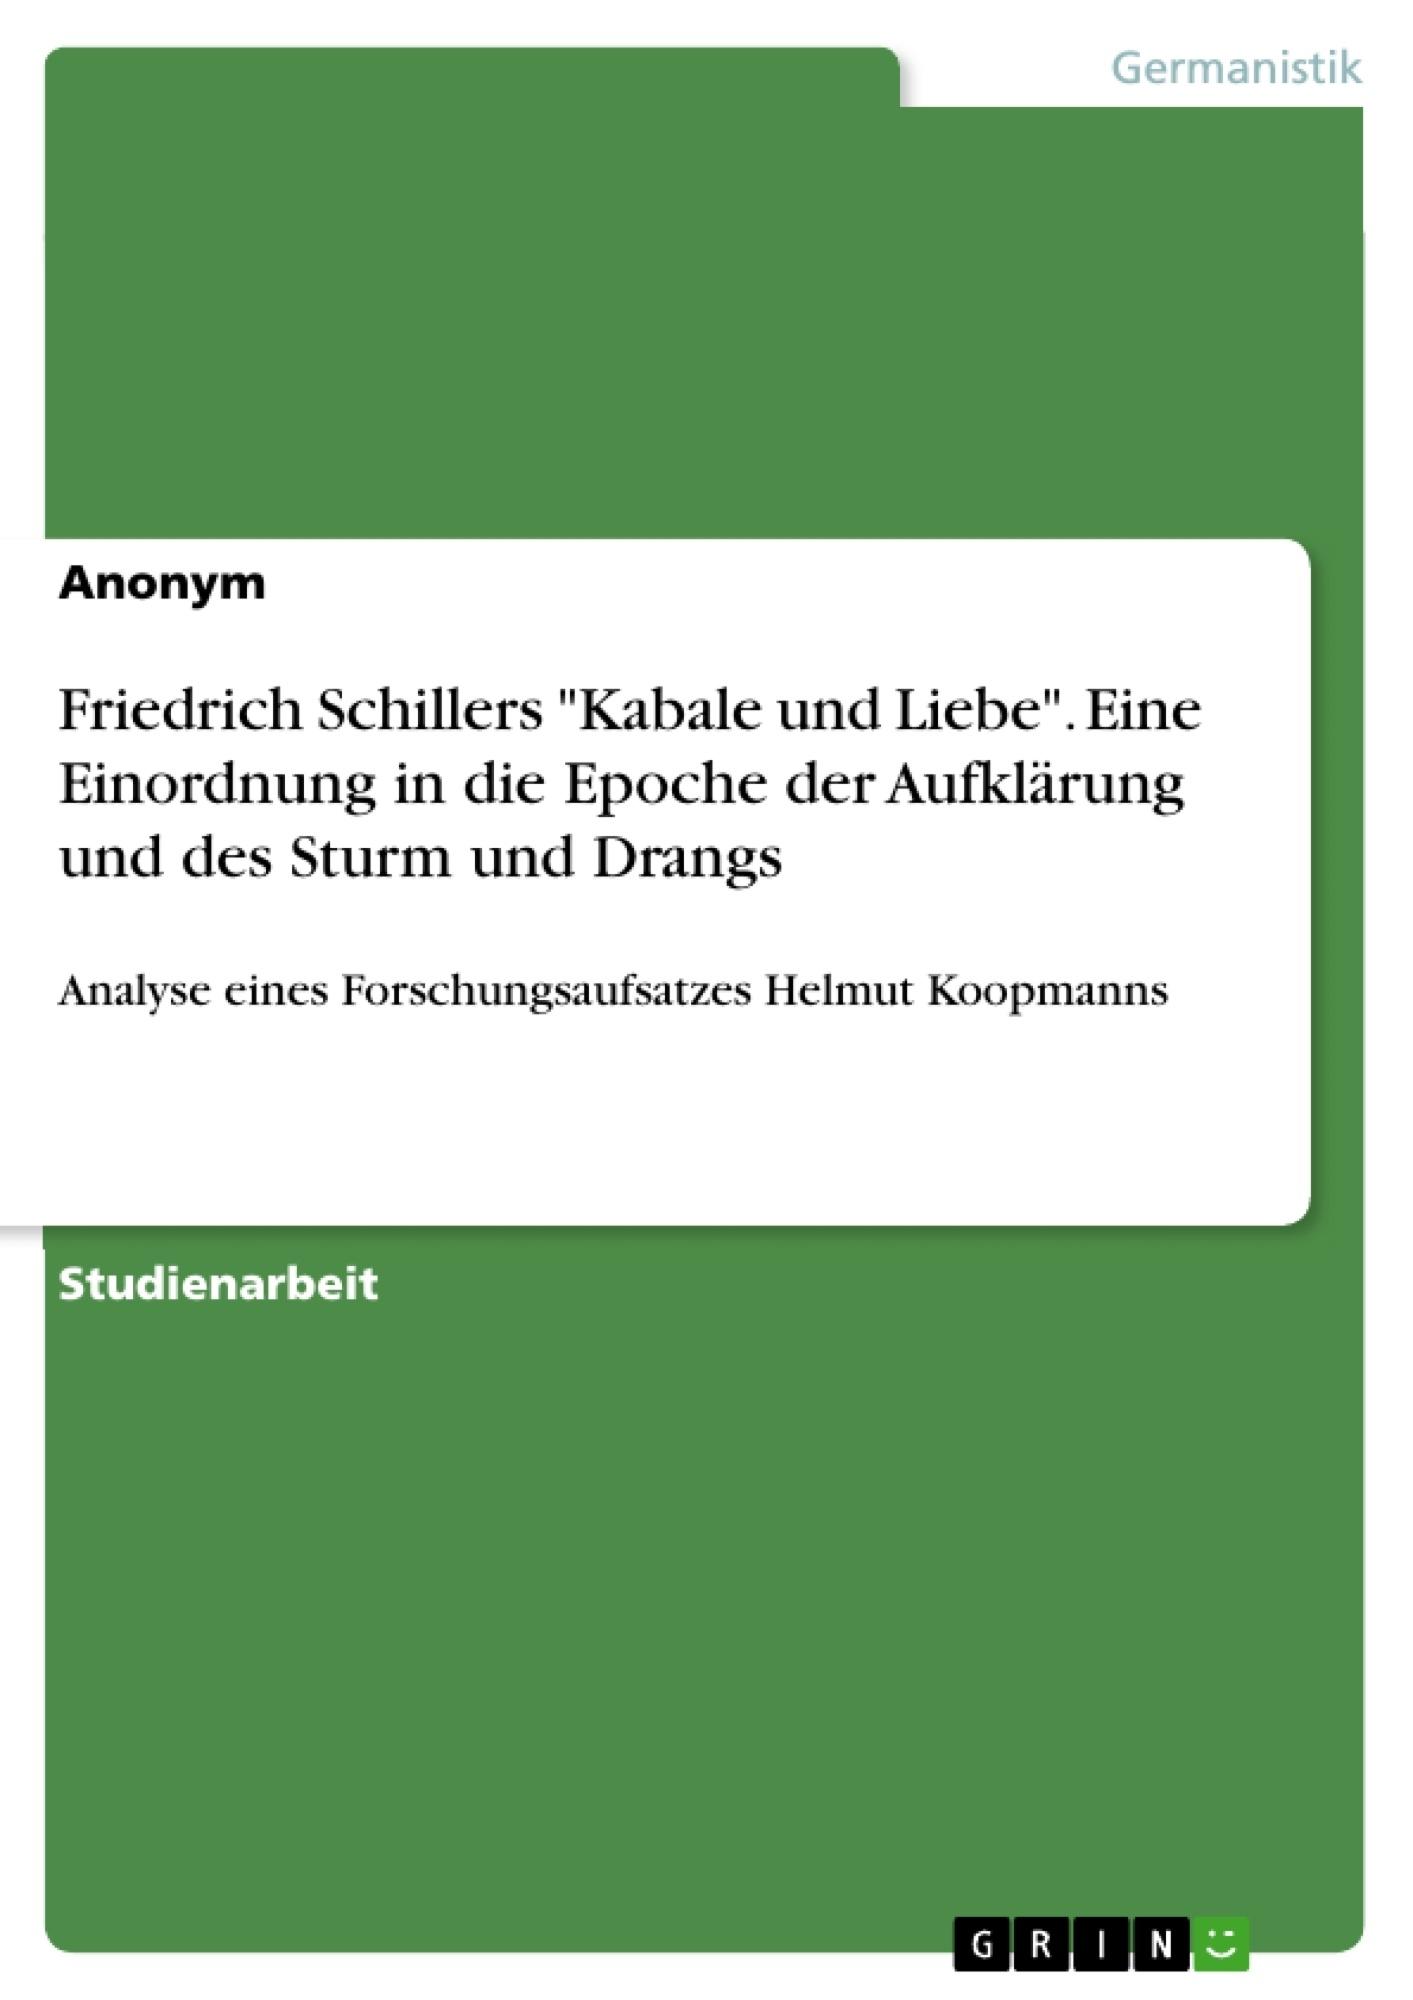 """Titel: Friedrich Schillers """"Kabale und Liebe"""". Eine Einordnung in die Epoche der Aufklärung und des Sturm und Drangs"""